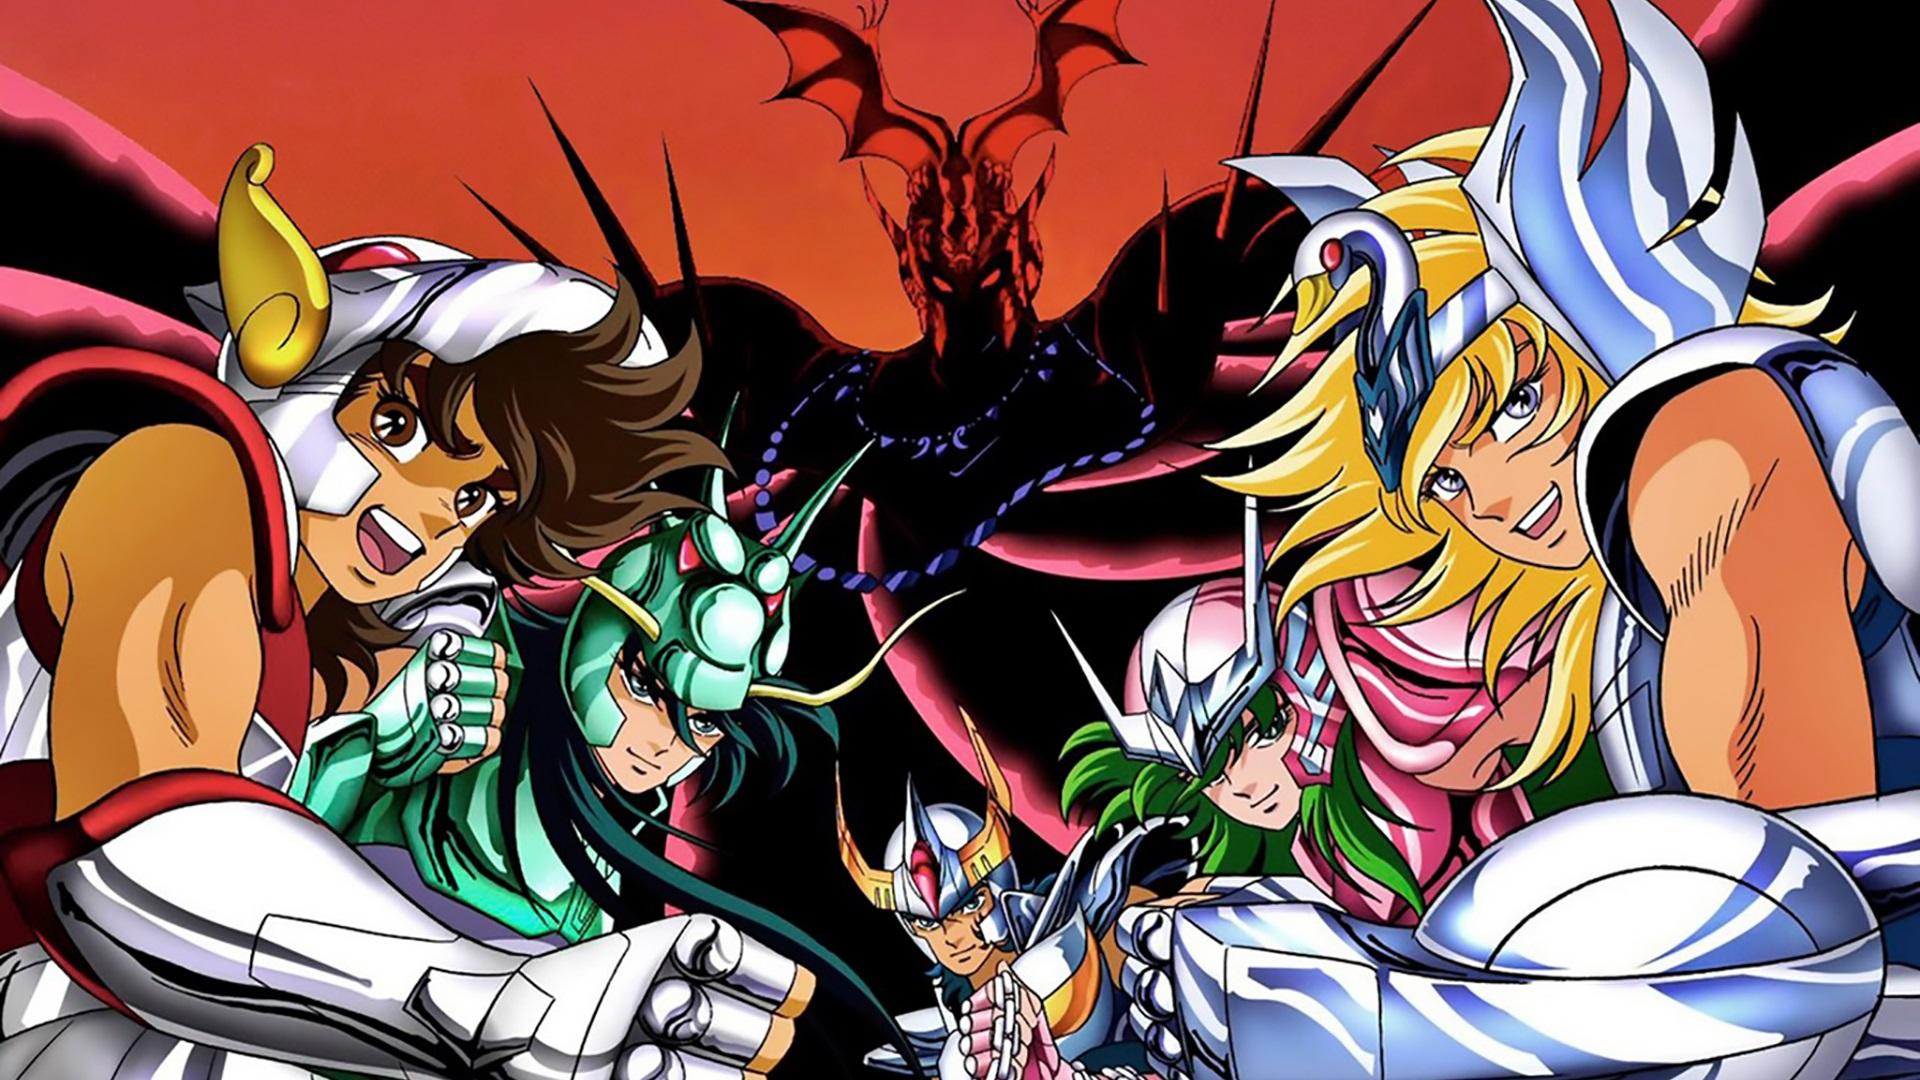 Cavaleiros do Zodíaco - Imagem